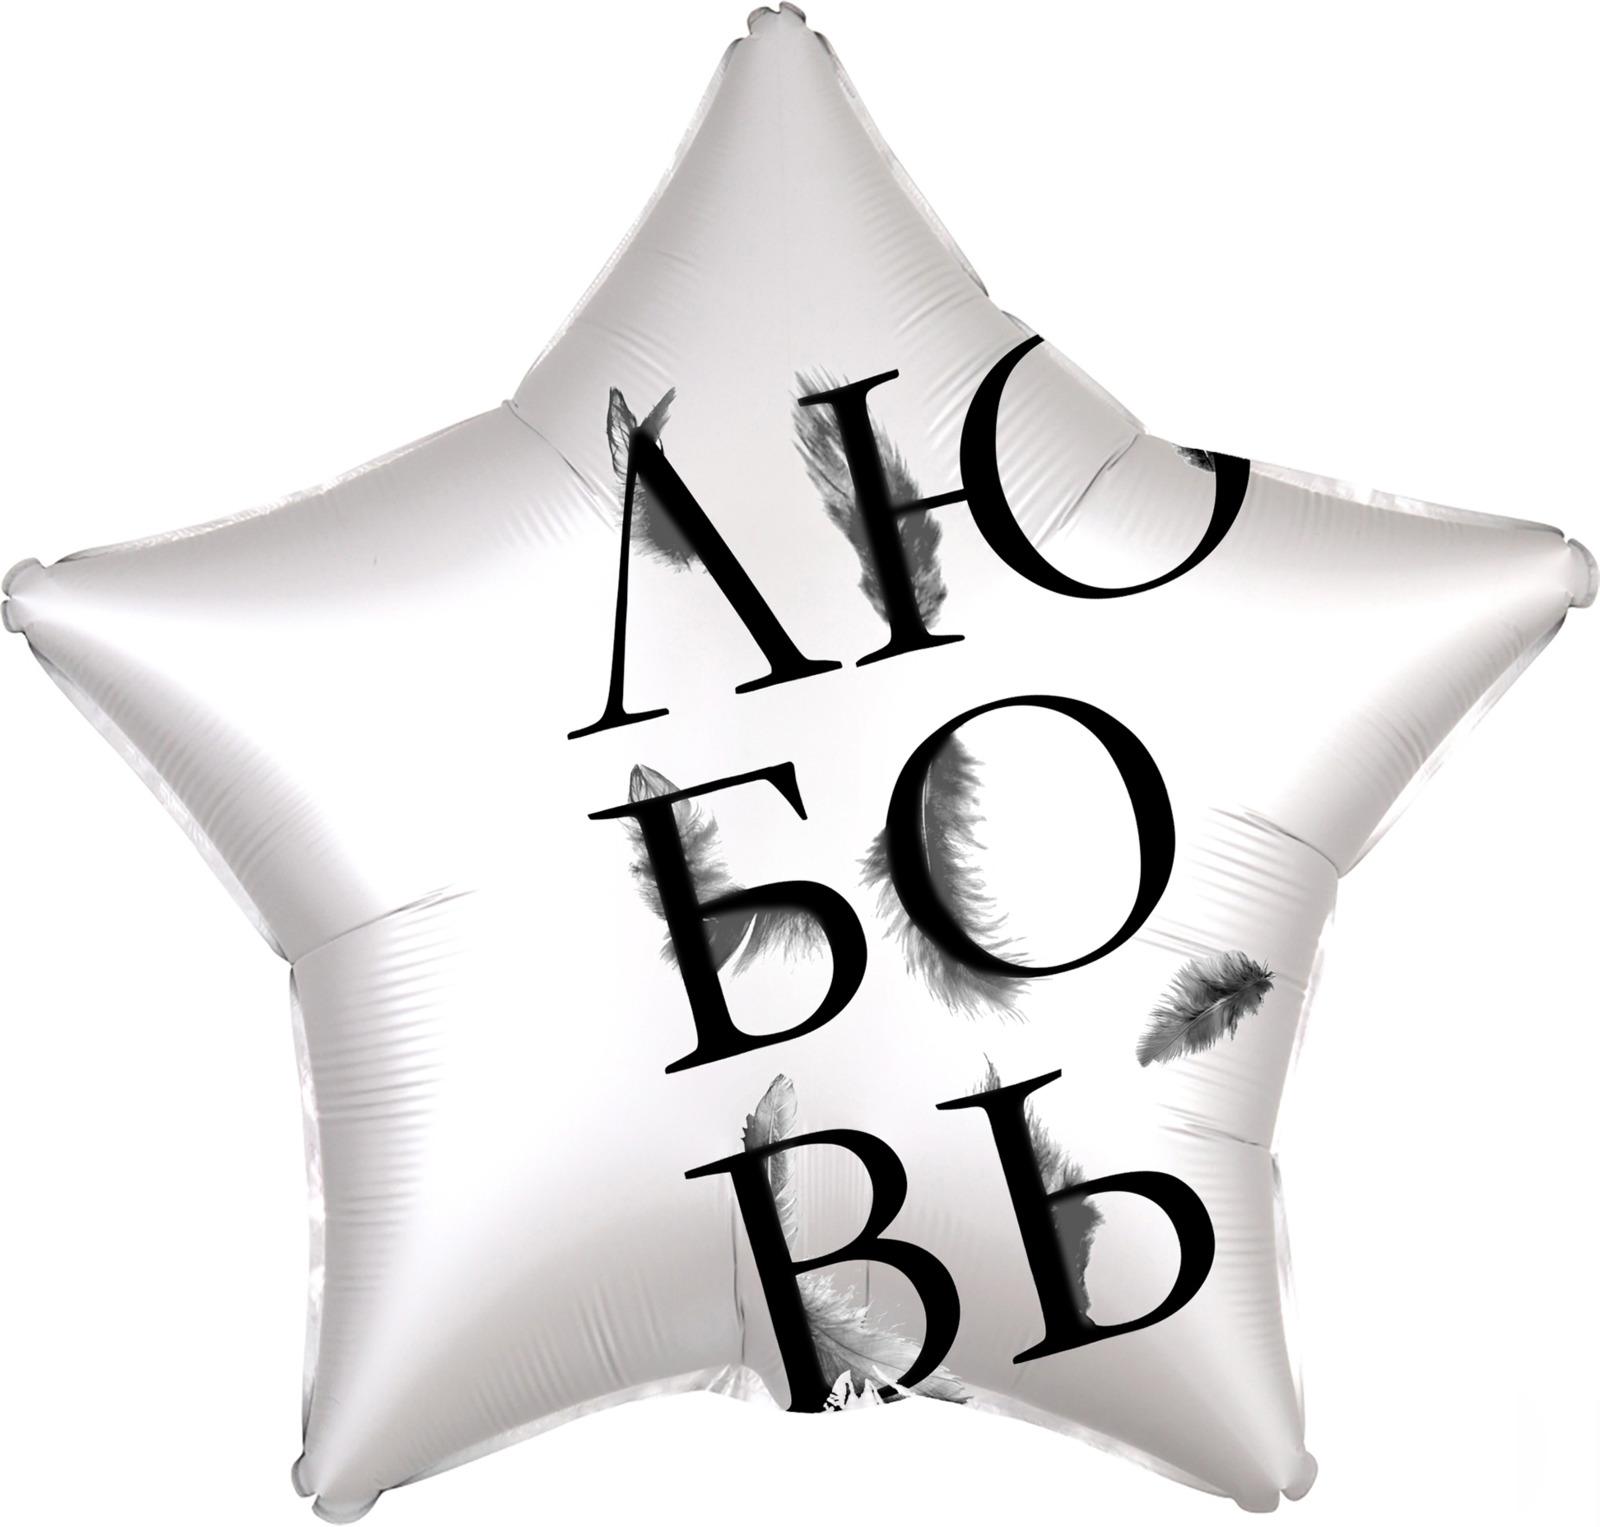 Воздушный шар Agura Miland Любовь окрыляет, 466-5-306-68603-5